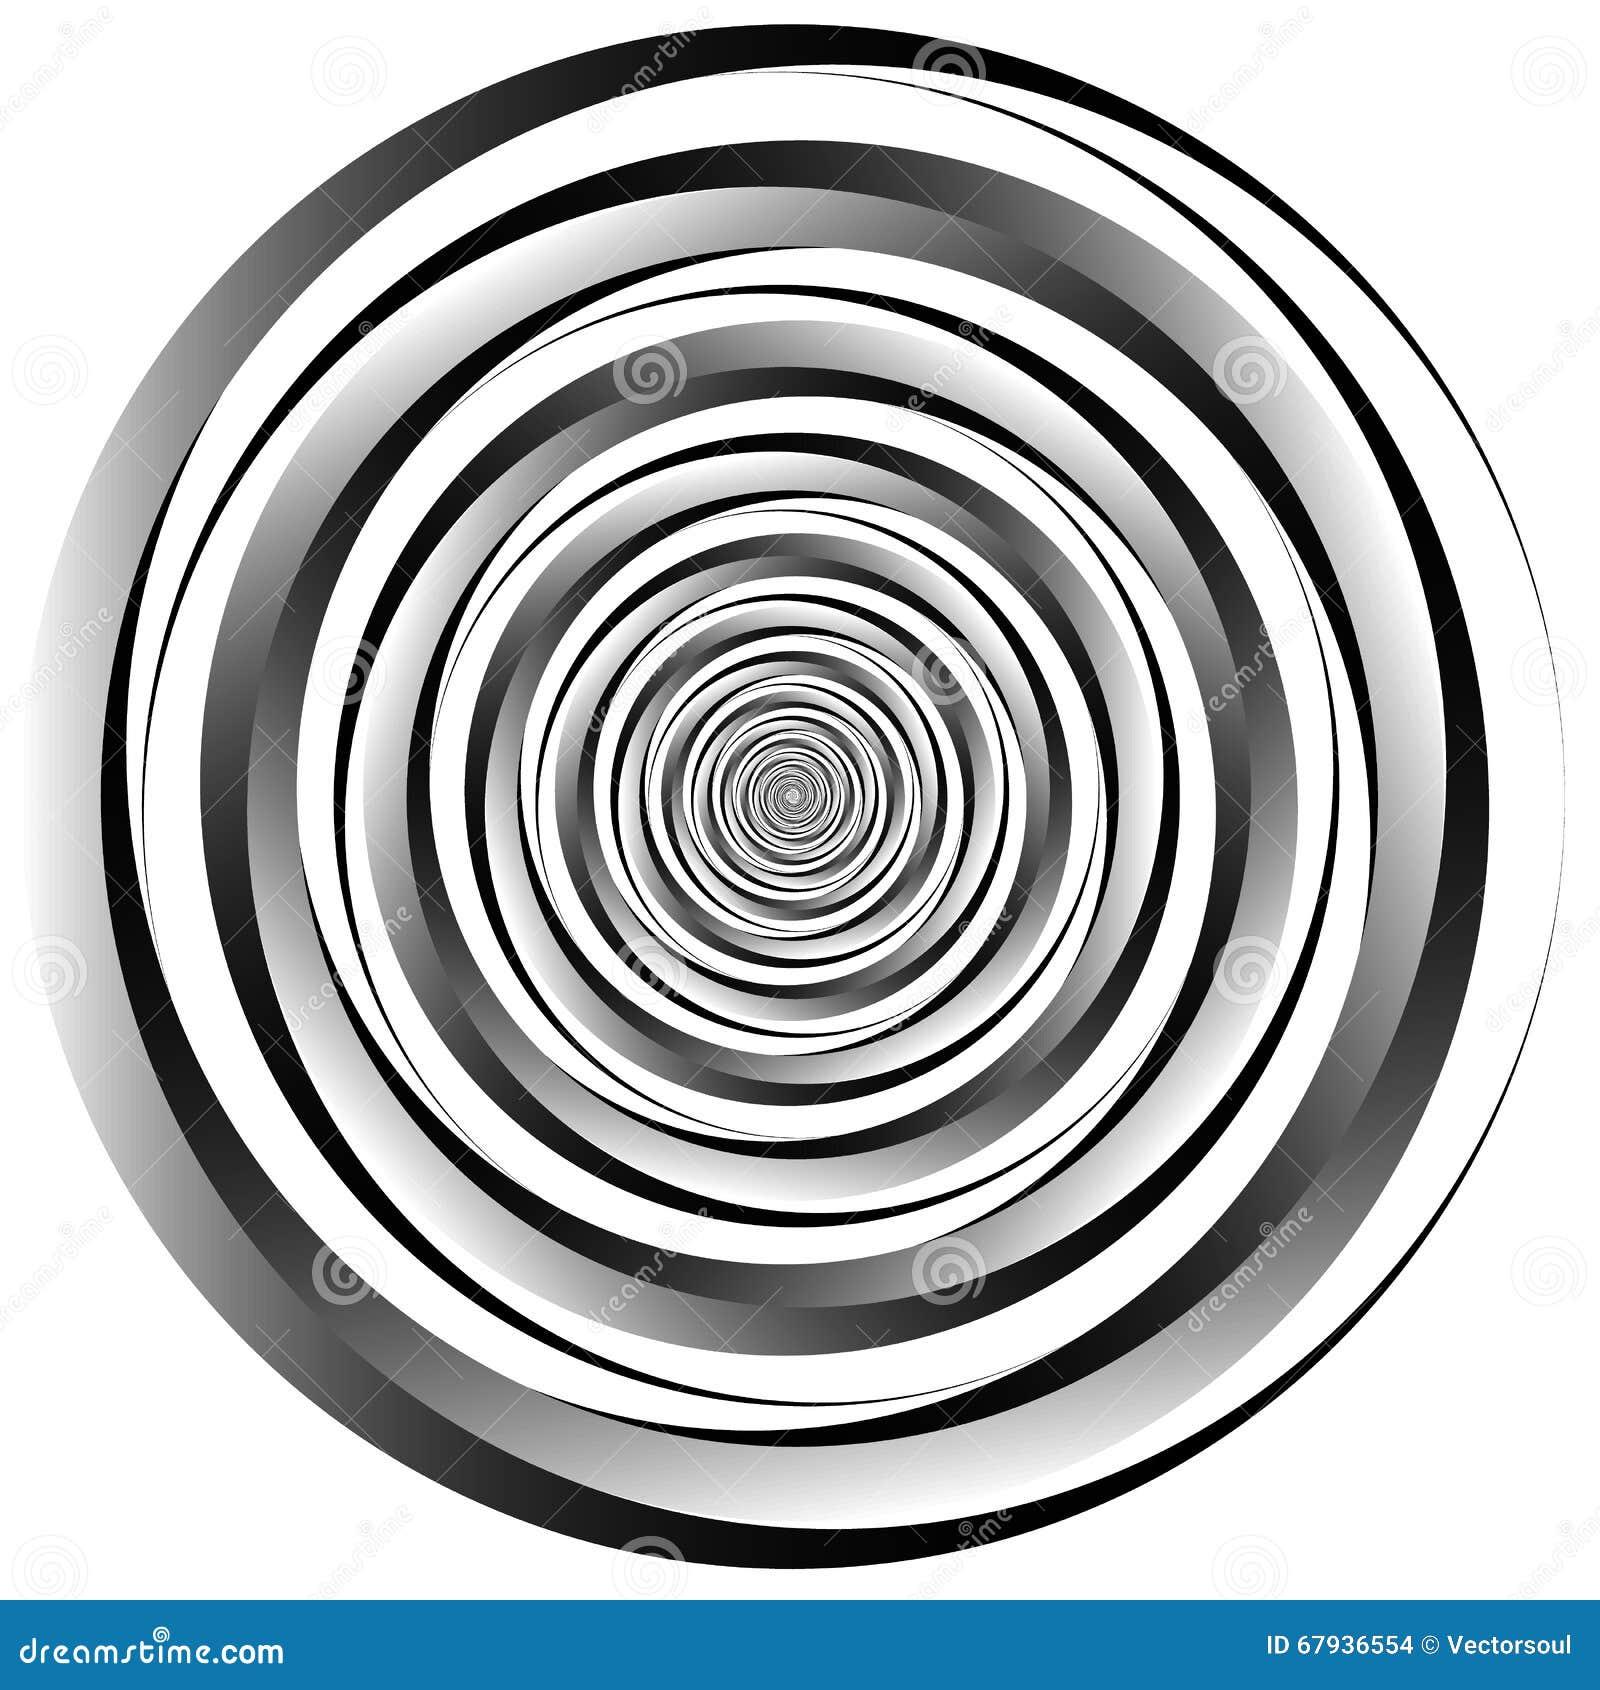 Concentrique - cercles convergents Vortex abstrait, grap se développant en spirales